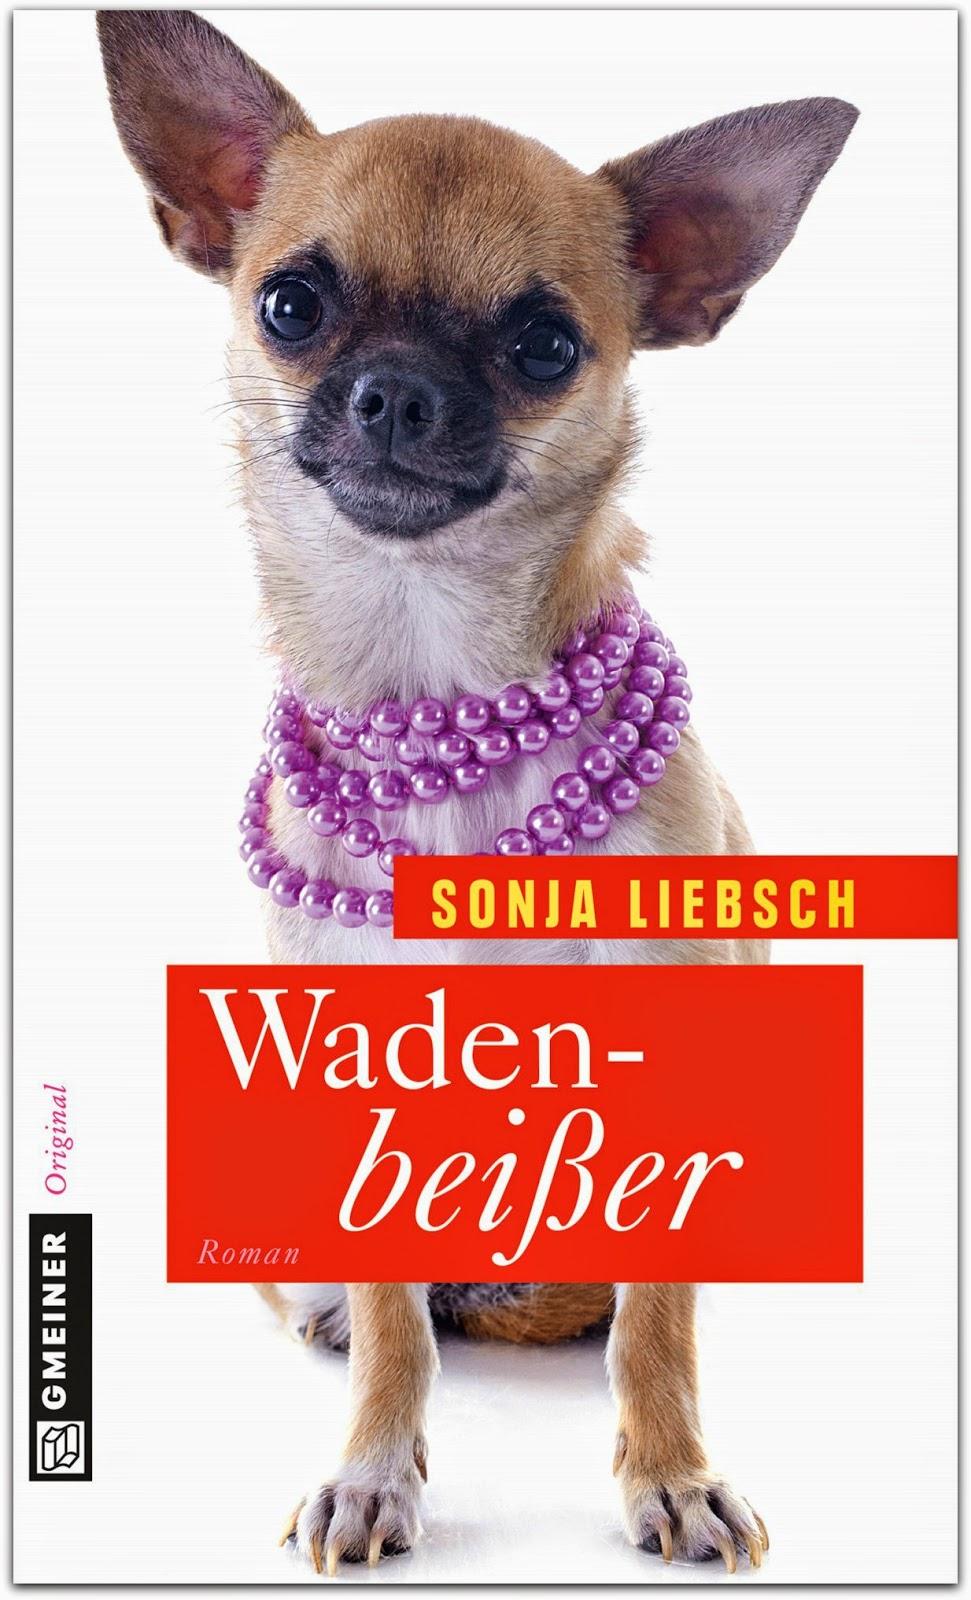 http://www.gmeiner-verlag.de/programm/titel/969-wadenbeisser.html